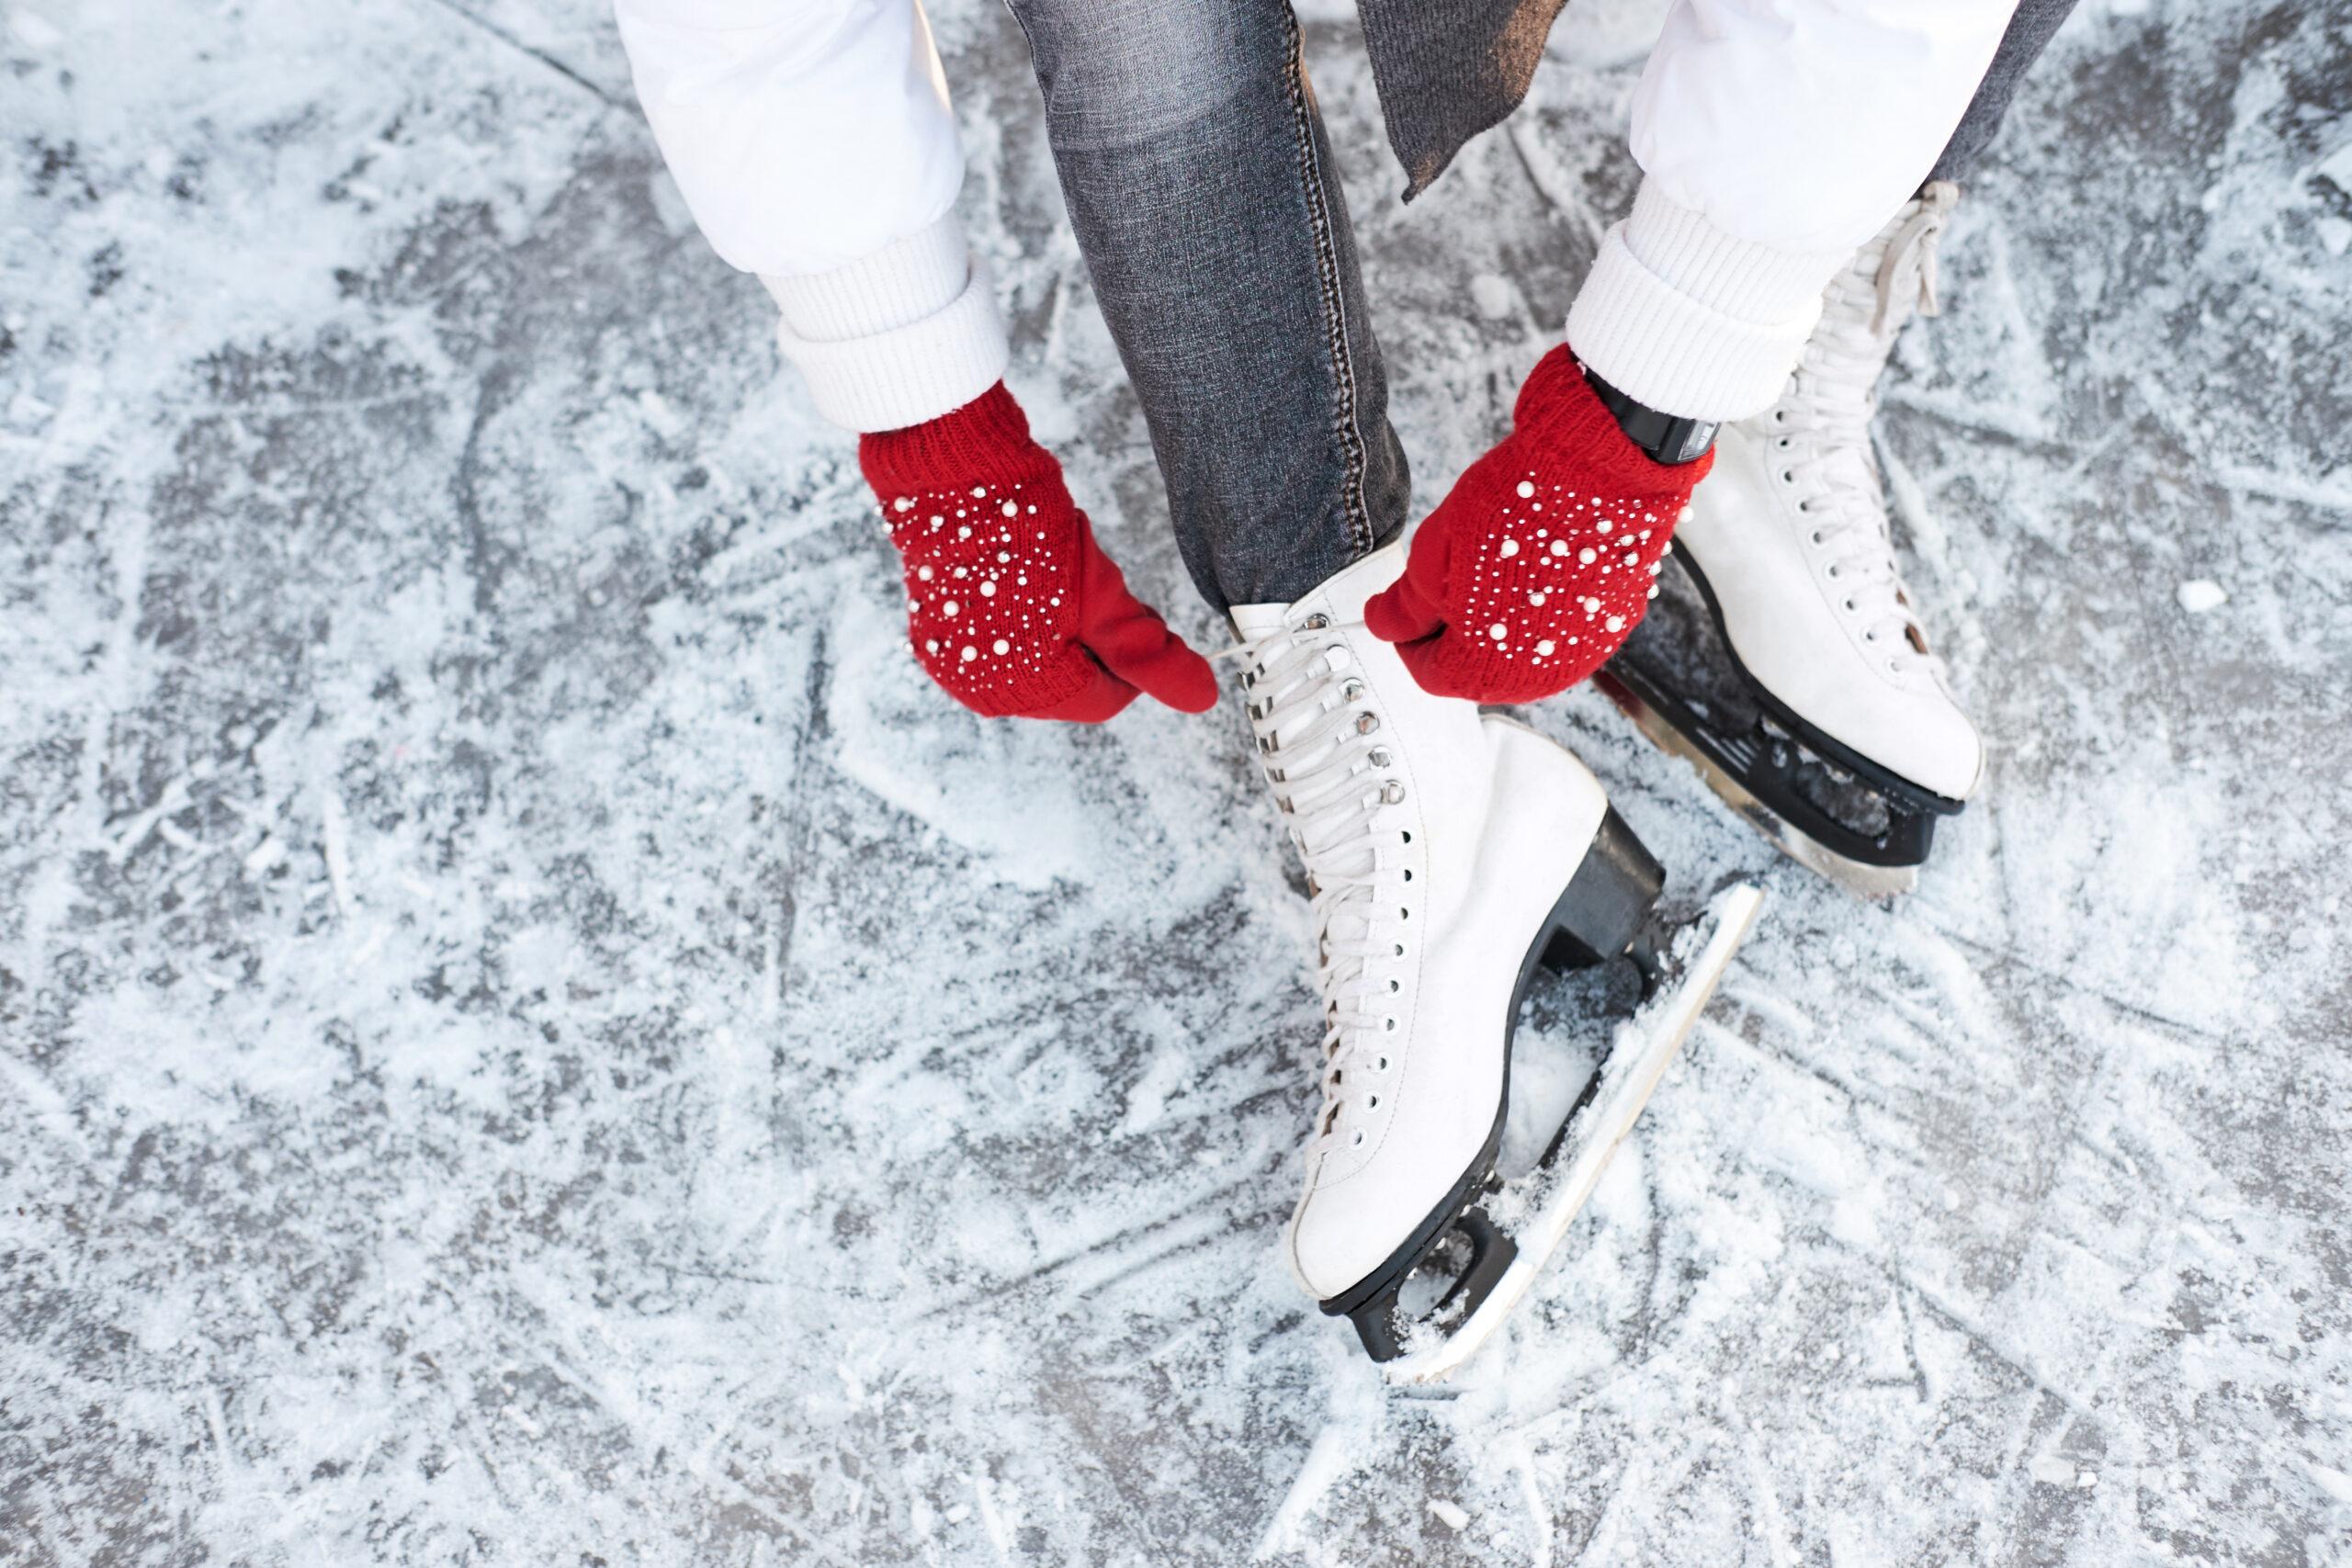 łyżwy, zima, czerwone rękawiczki, lodowisko